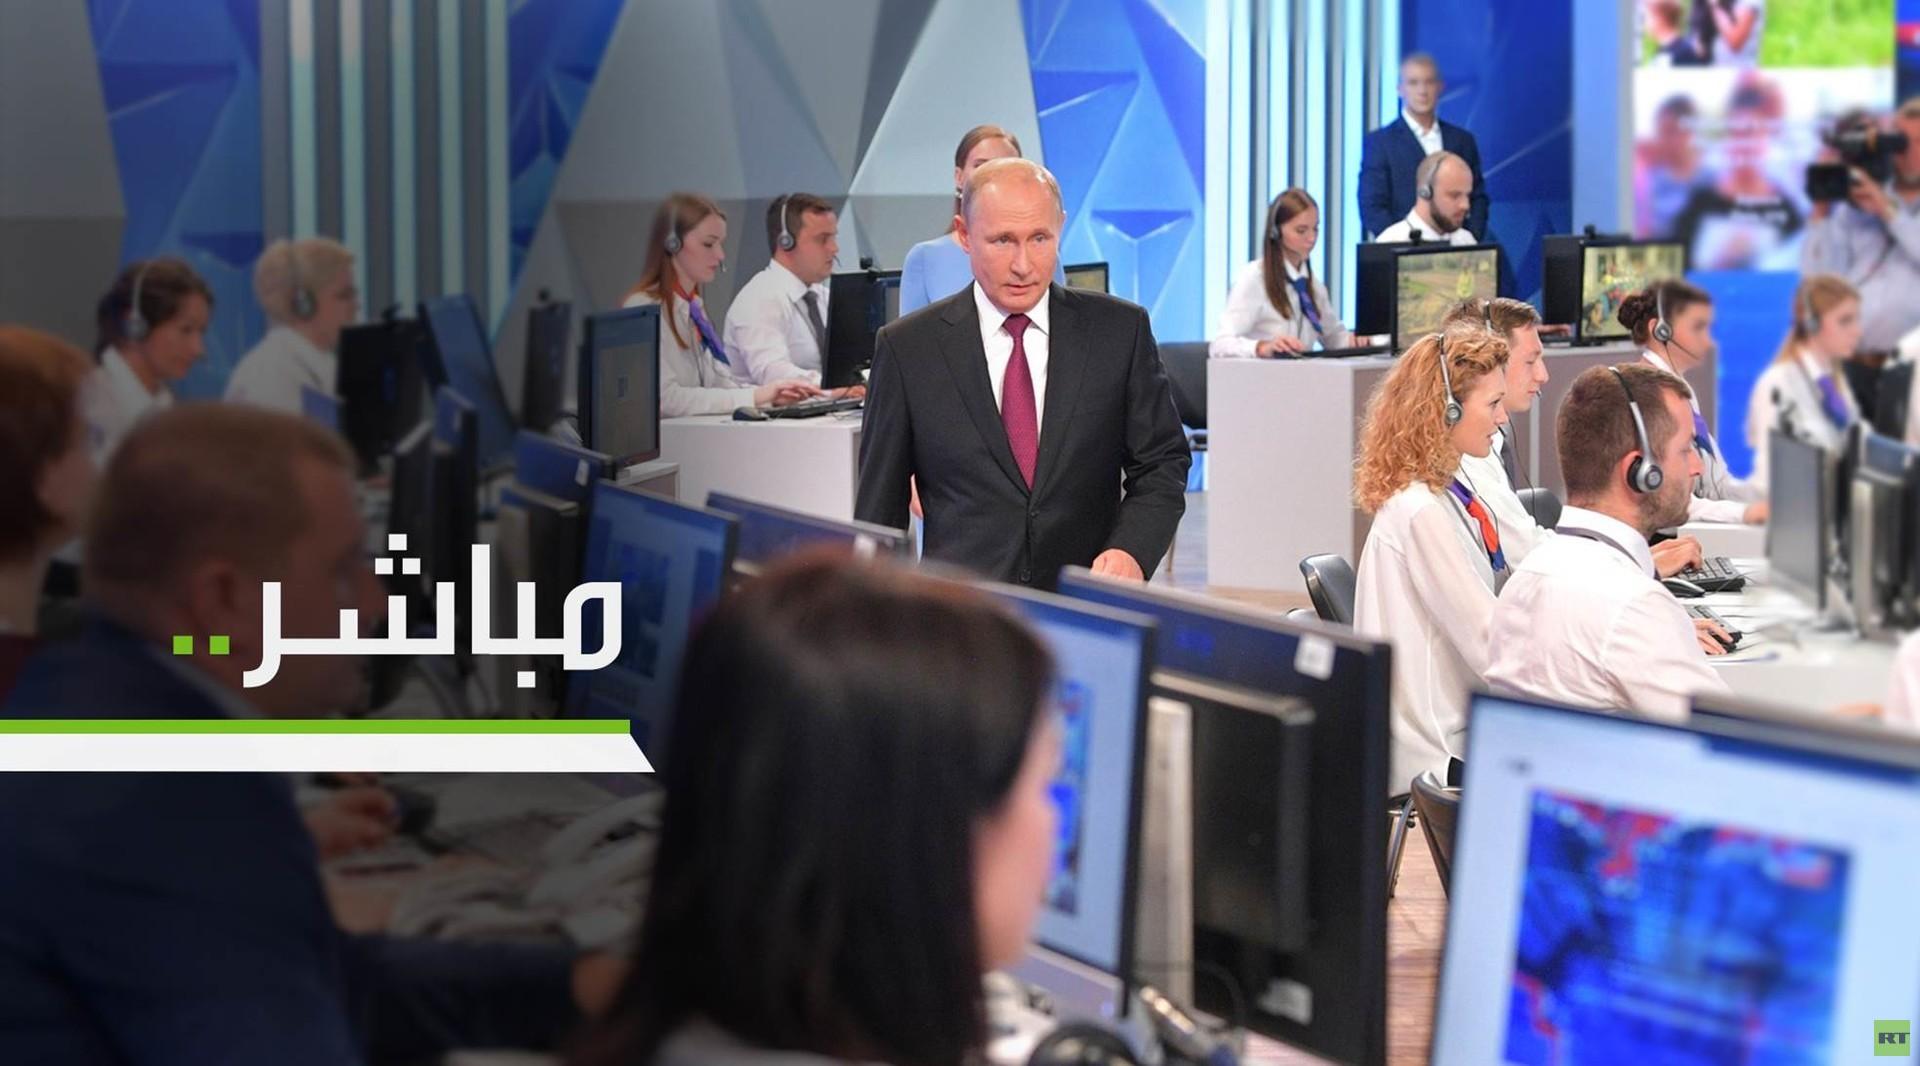 الرئيس بوتين يجيب على أسئلة المواطنين عبر الخط المباشر